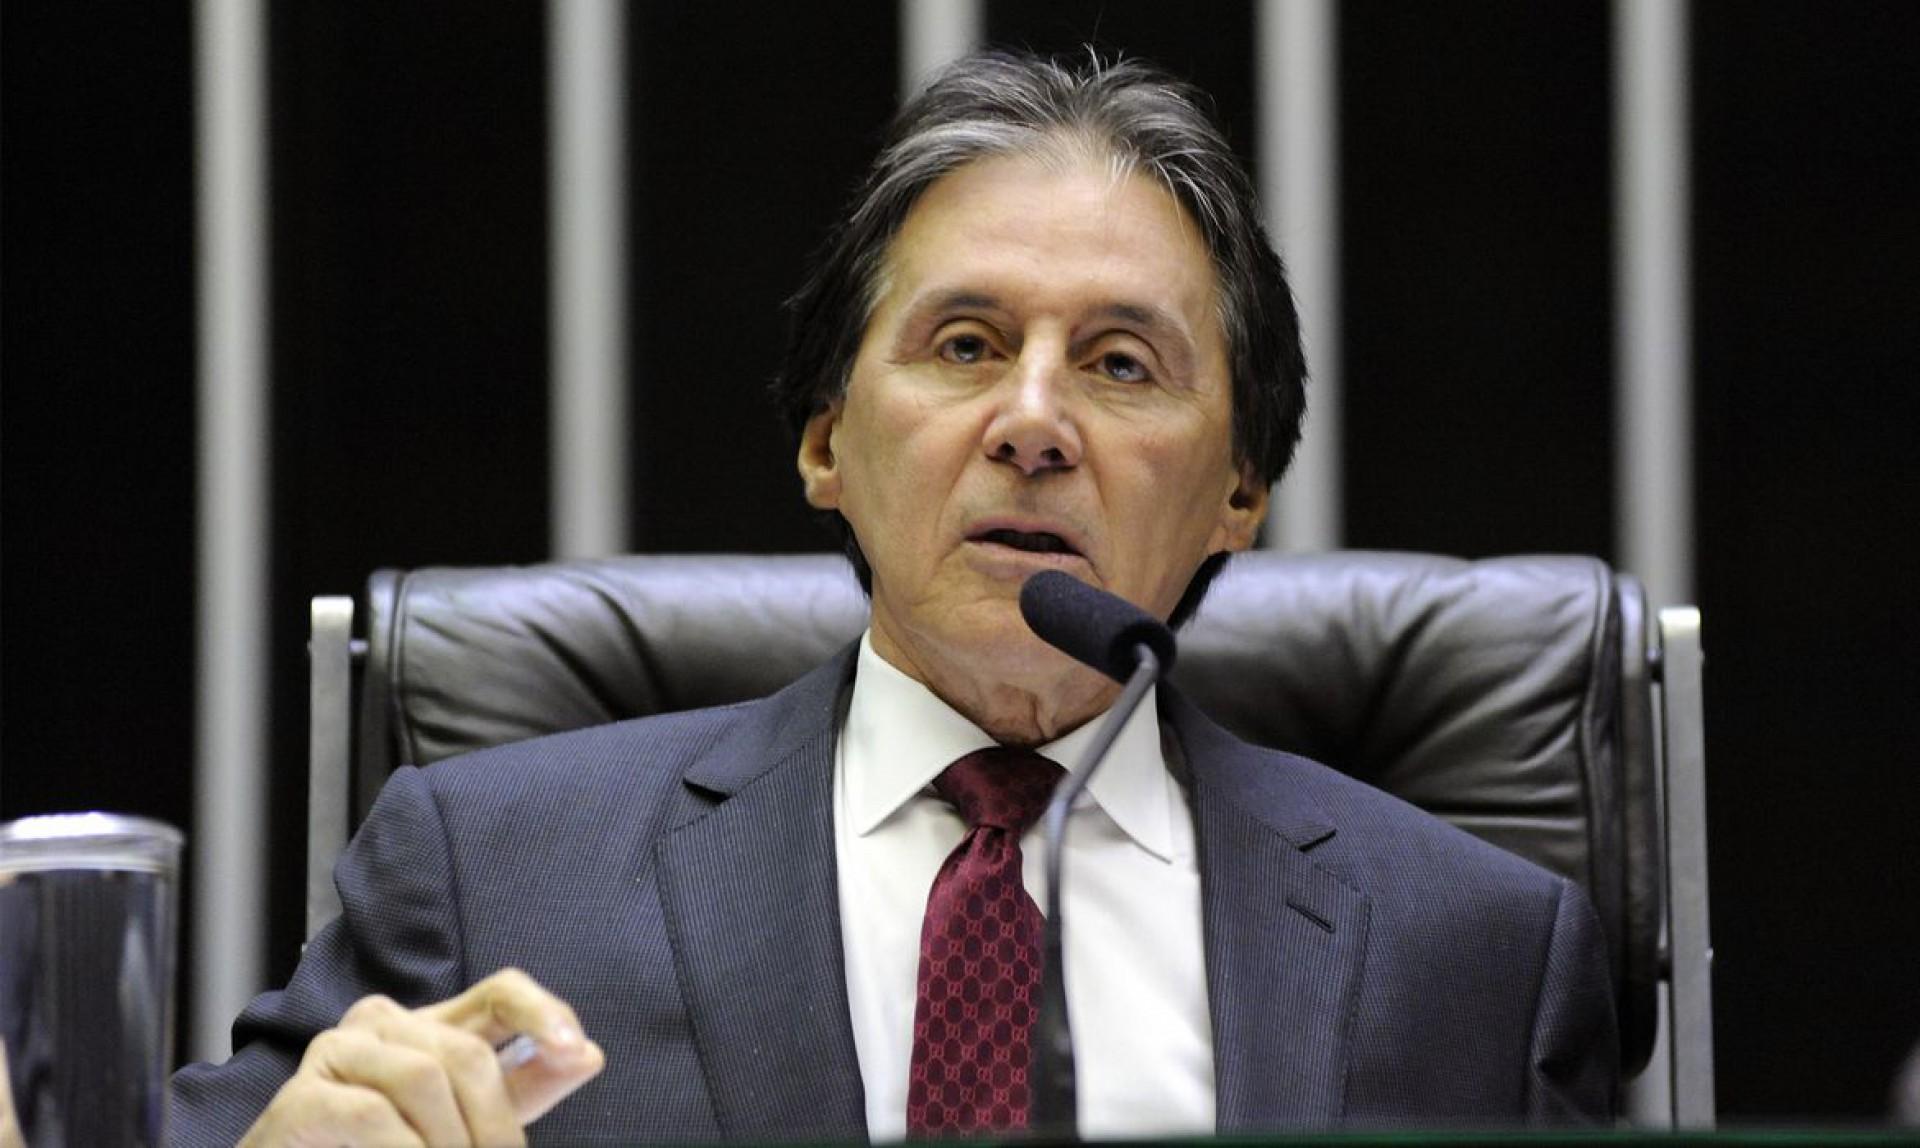 Ex-senador Eunício Oliveira diz que vai disputar cargo nas eleições do próximo ano (Foto: Luis Macedo/Câmara dos Deputados)